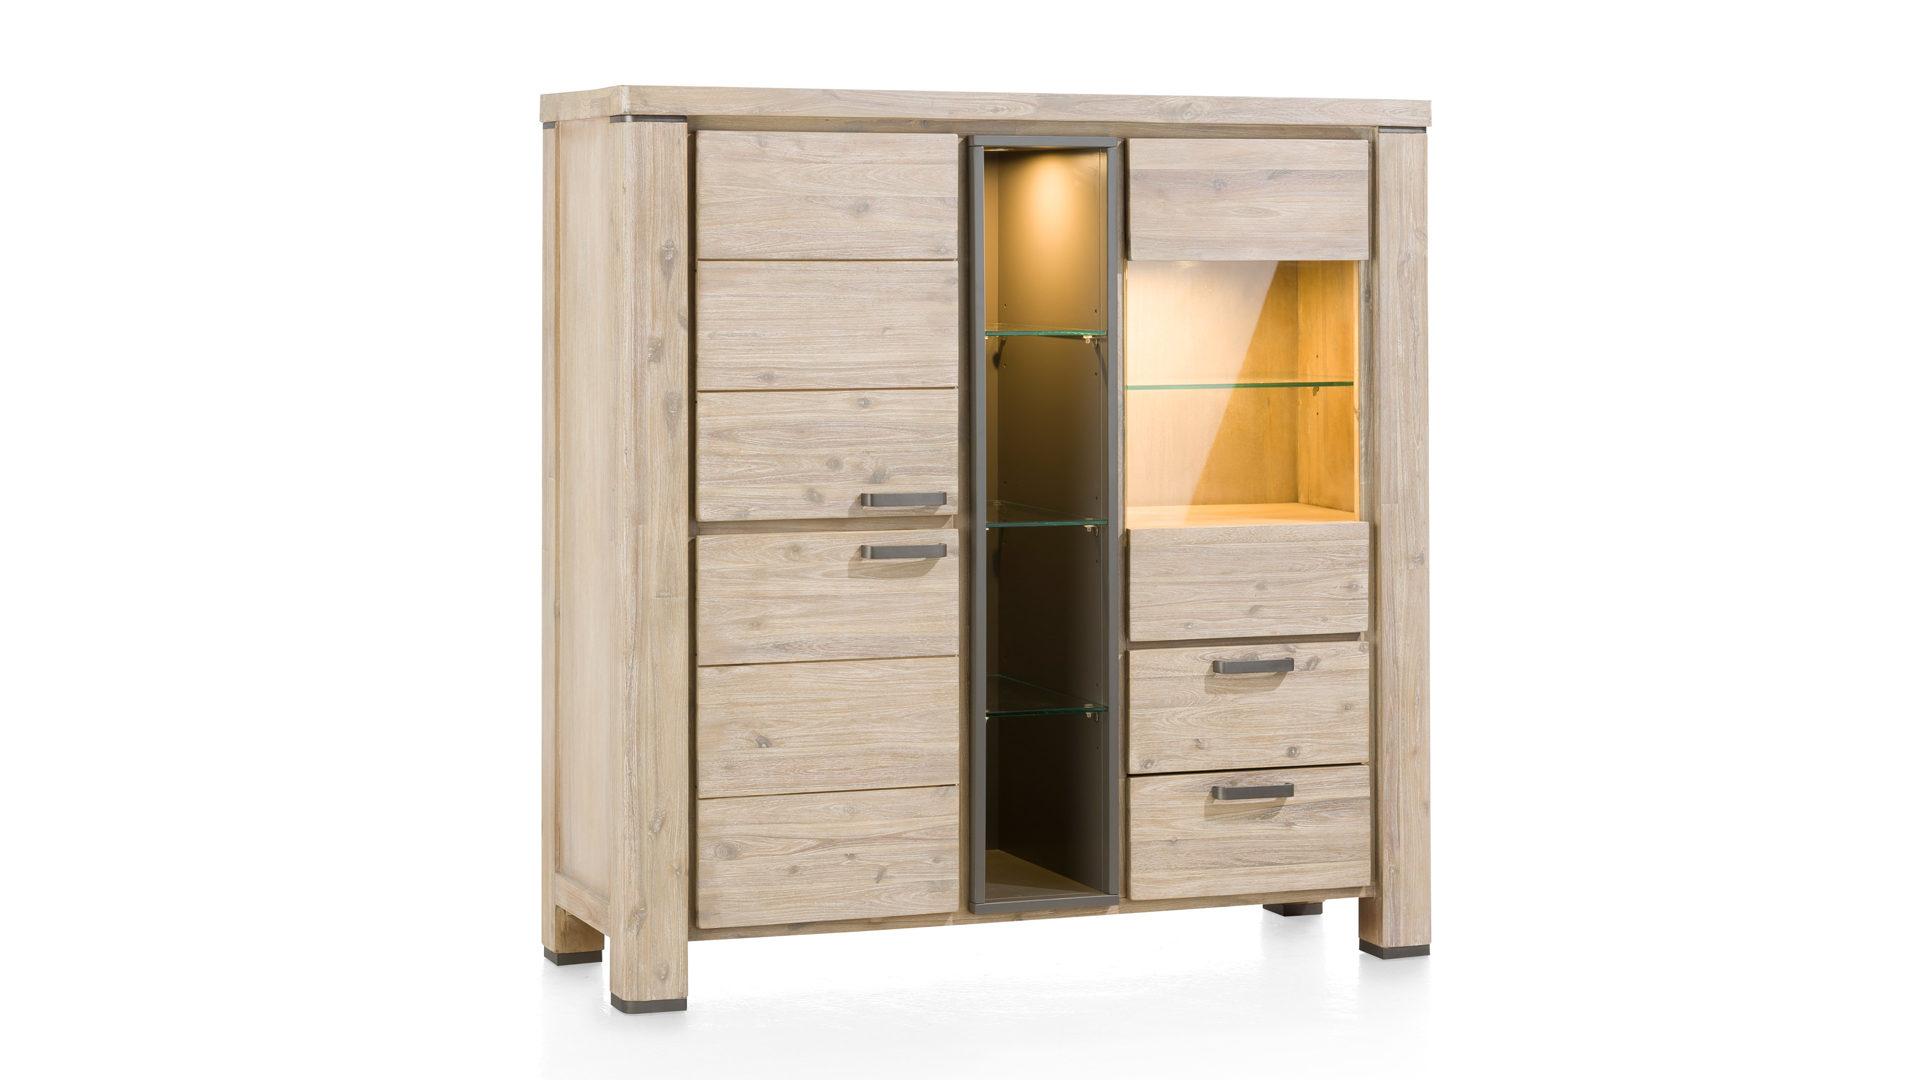 Wohnland Breitwieser Räume Esszimmer Kommoden Sideboards